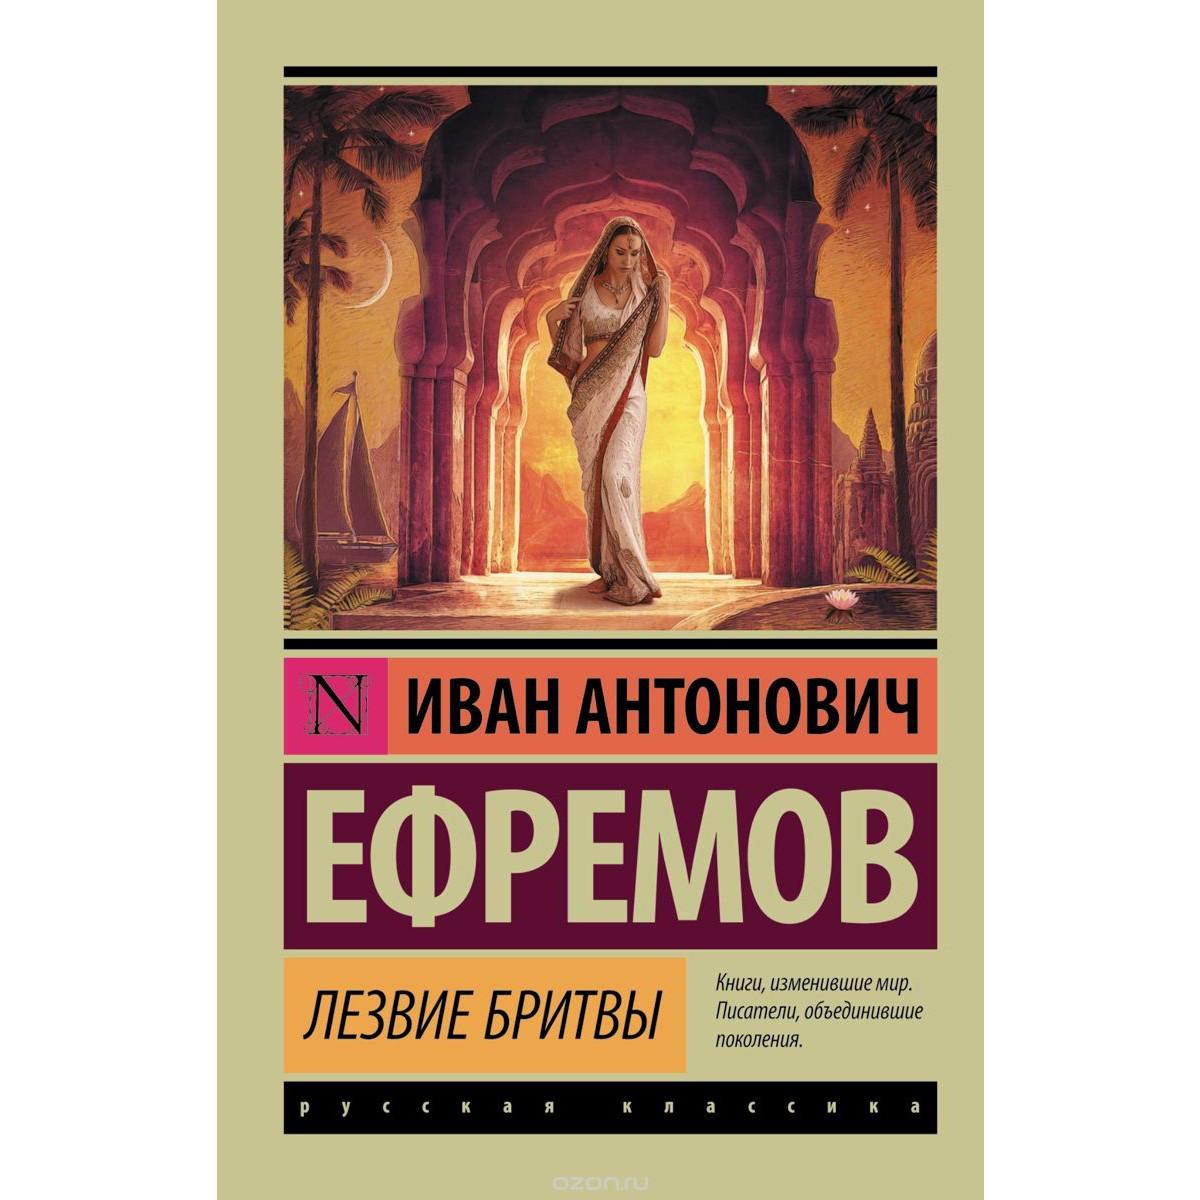 Єфремов І. А. Лезо бритви